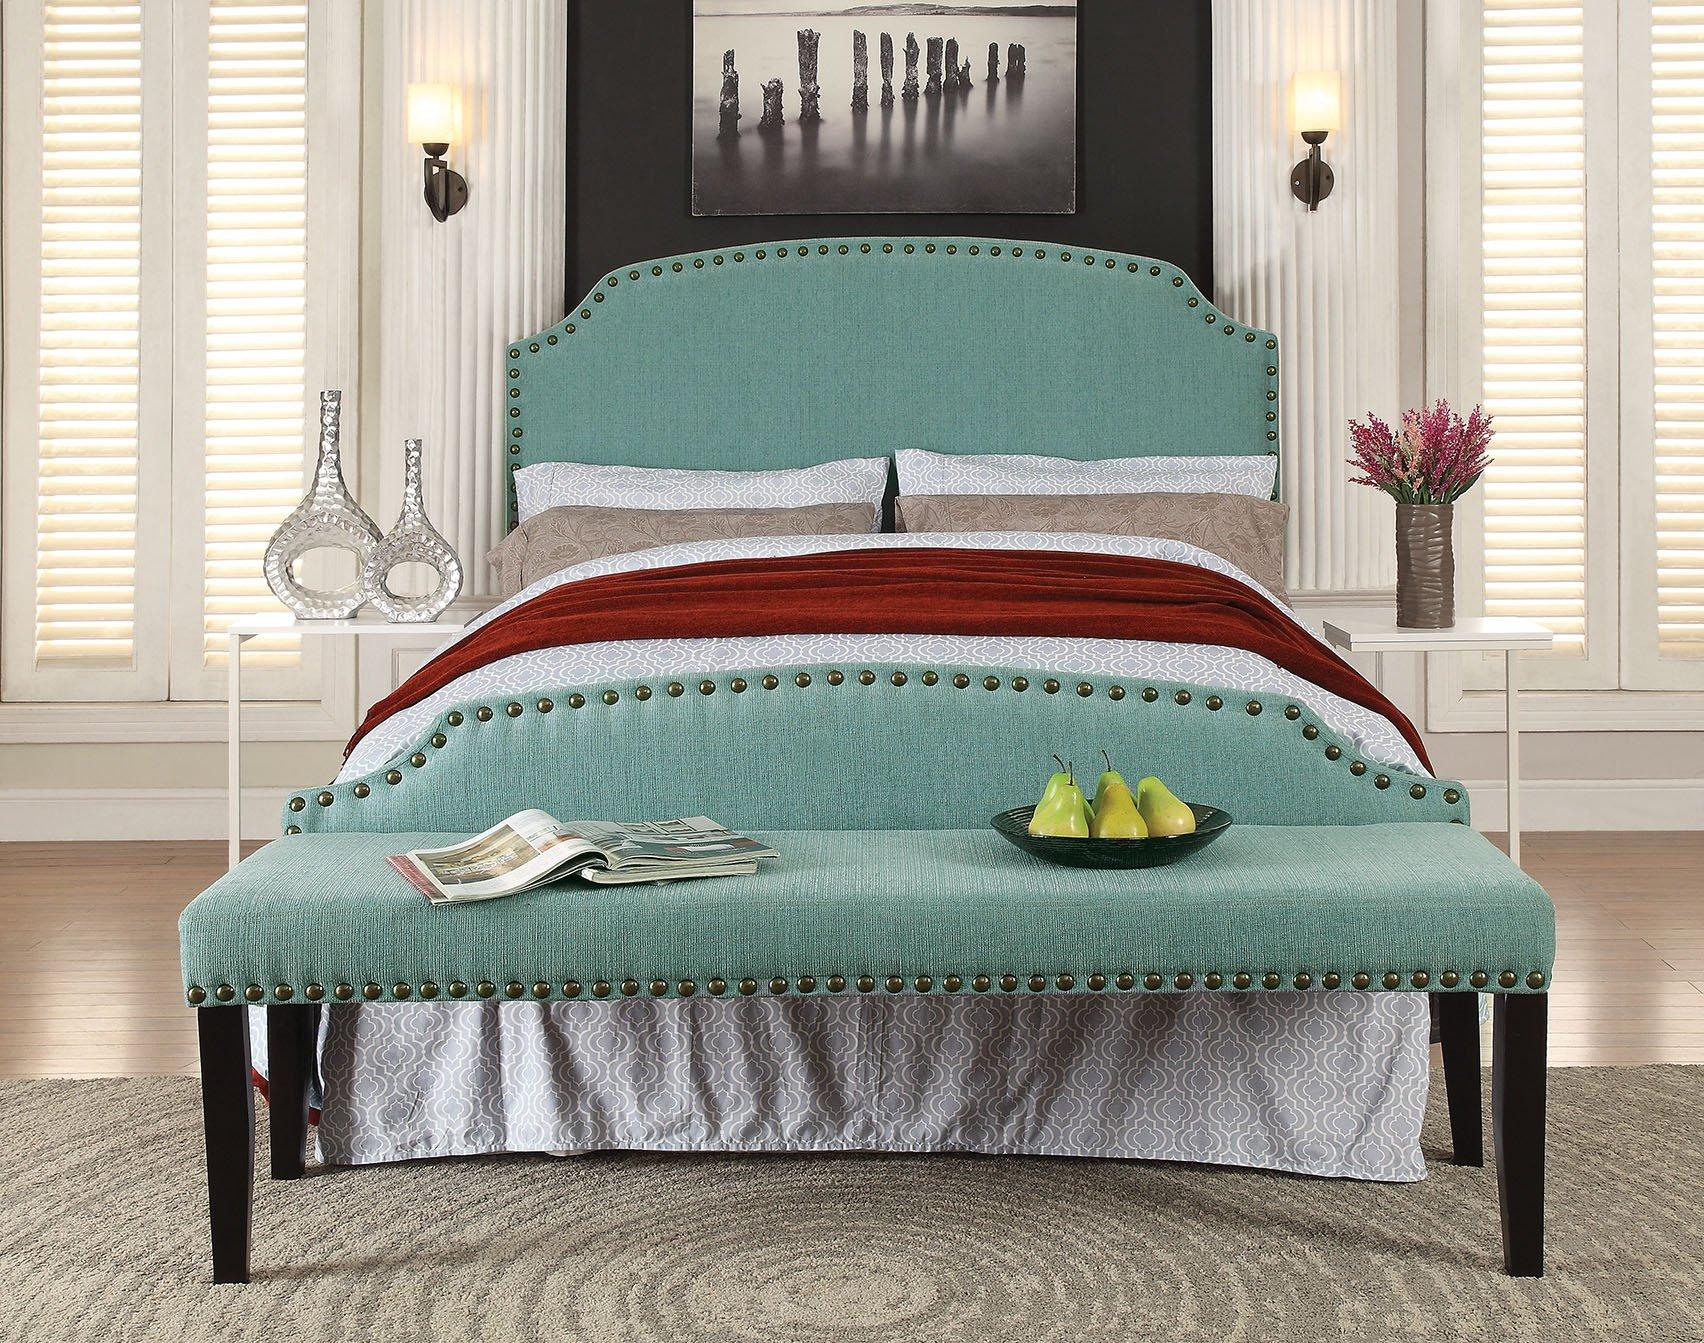 Furniture of America 2 Piece Heiden Modern Headboard with Bench Set, Full/Queen, Light Blue